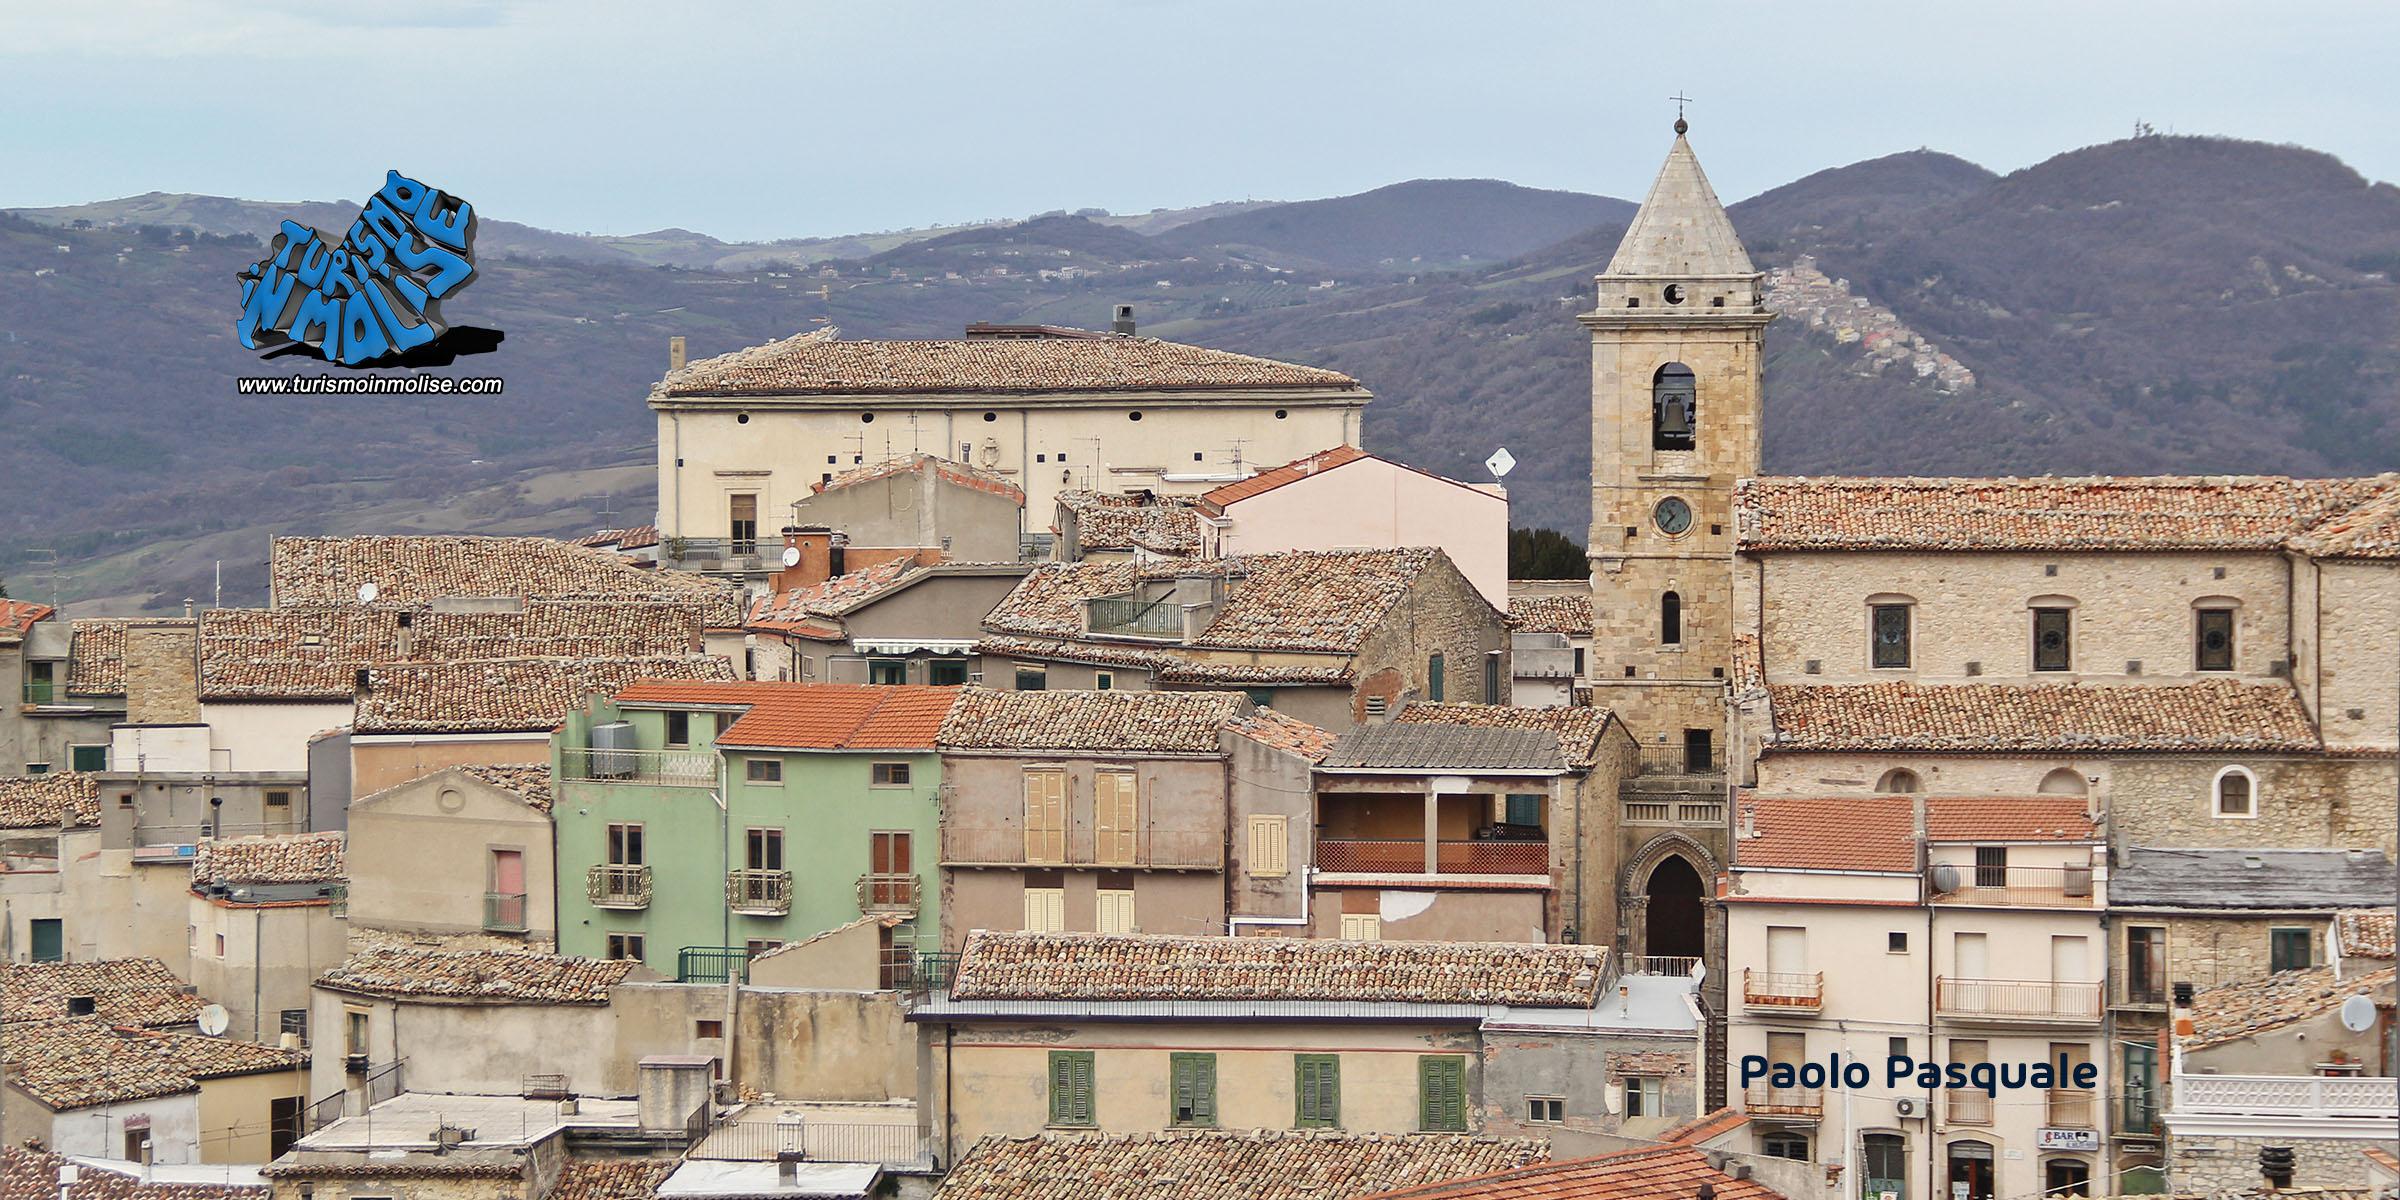 Montefalcone nel Sannio: dalla valle del Trigno al mar Adriatico